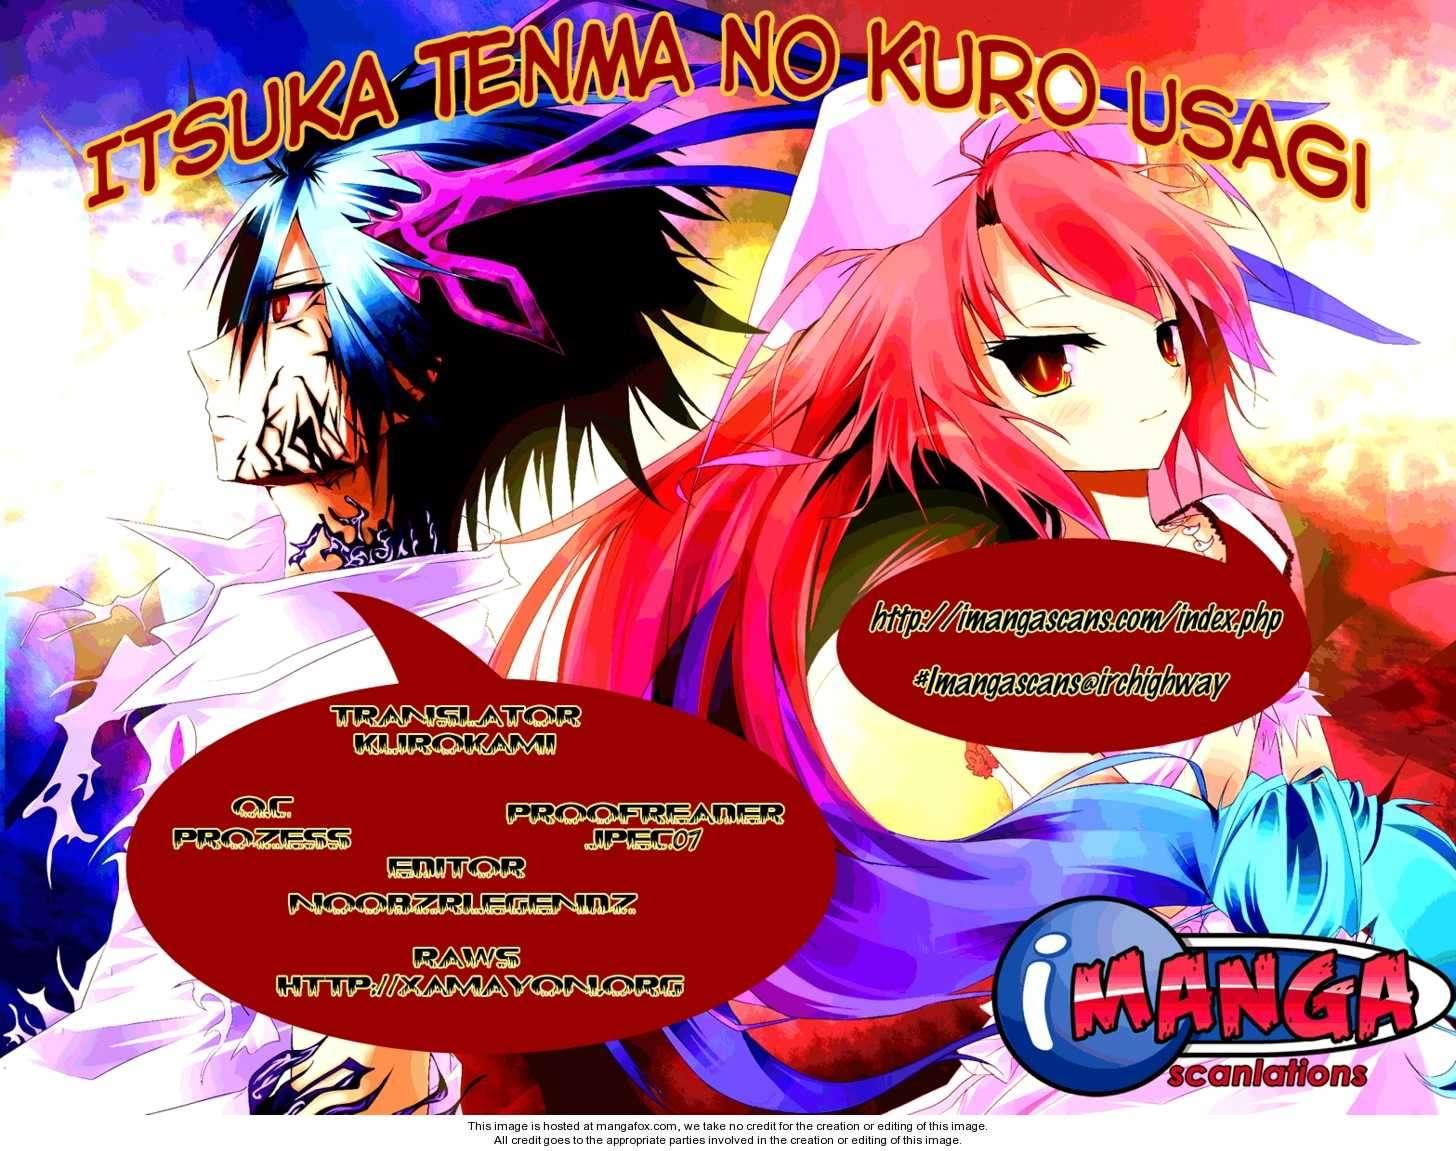 Itsuka Tenma no Kuro Usagi 5 Page 1